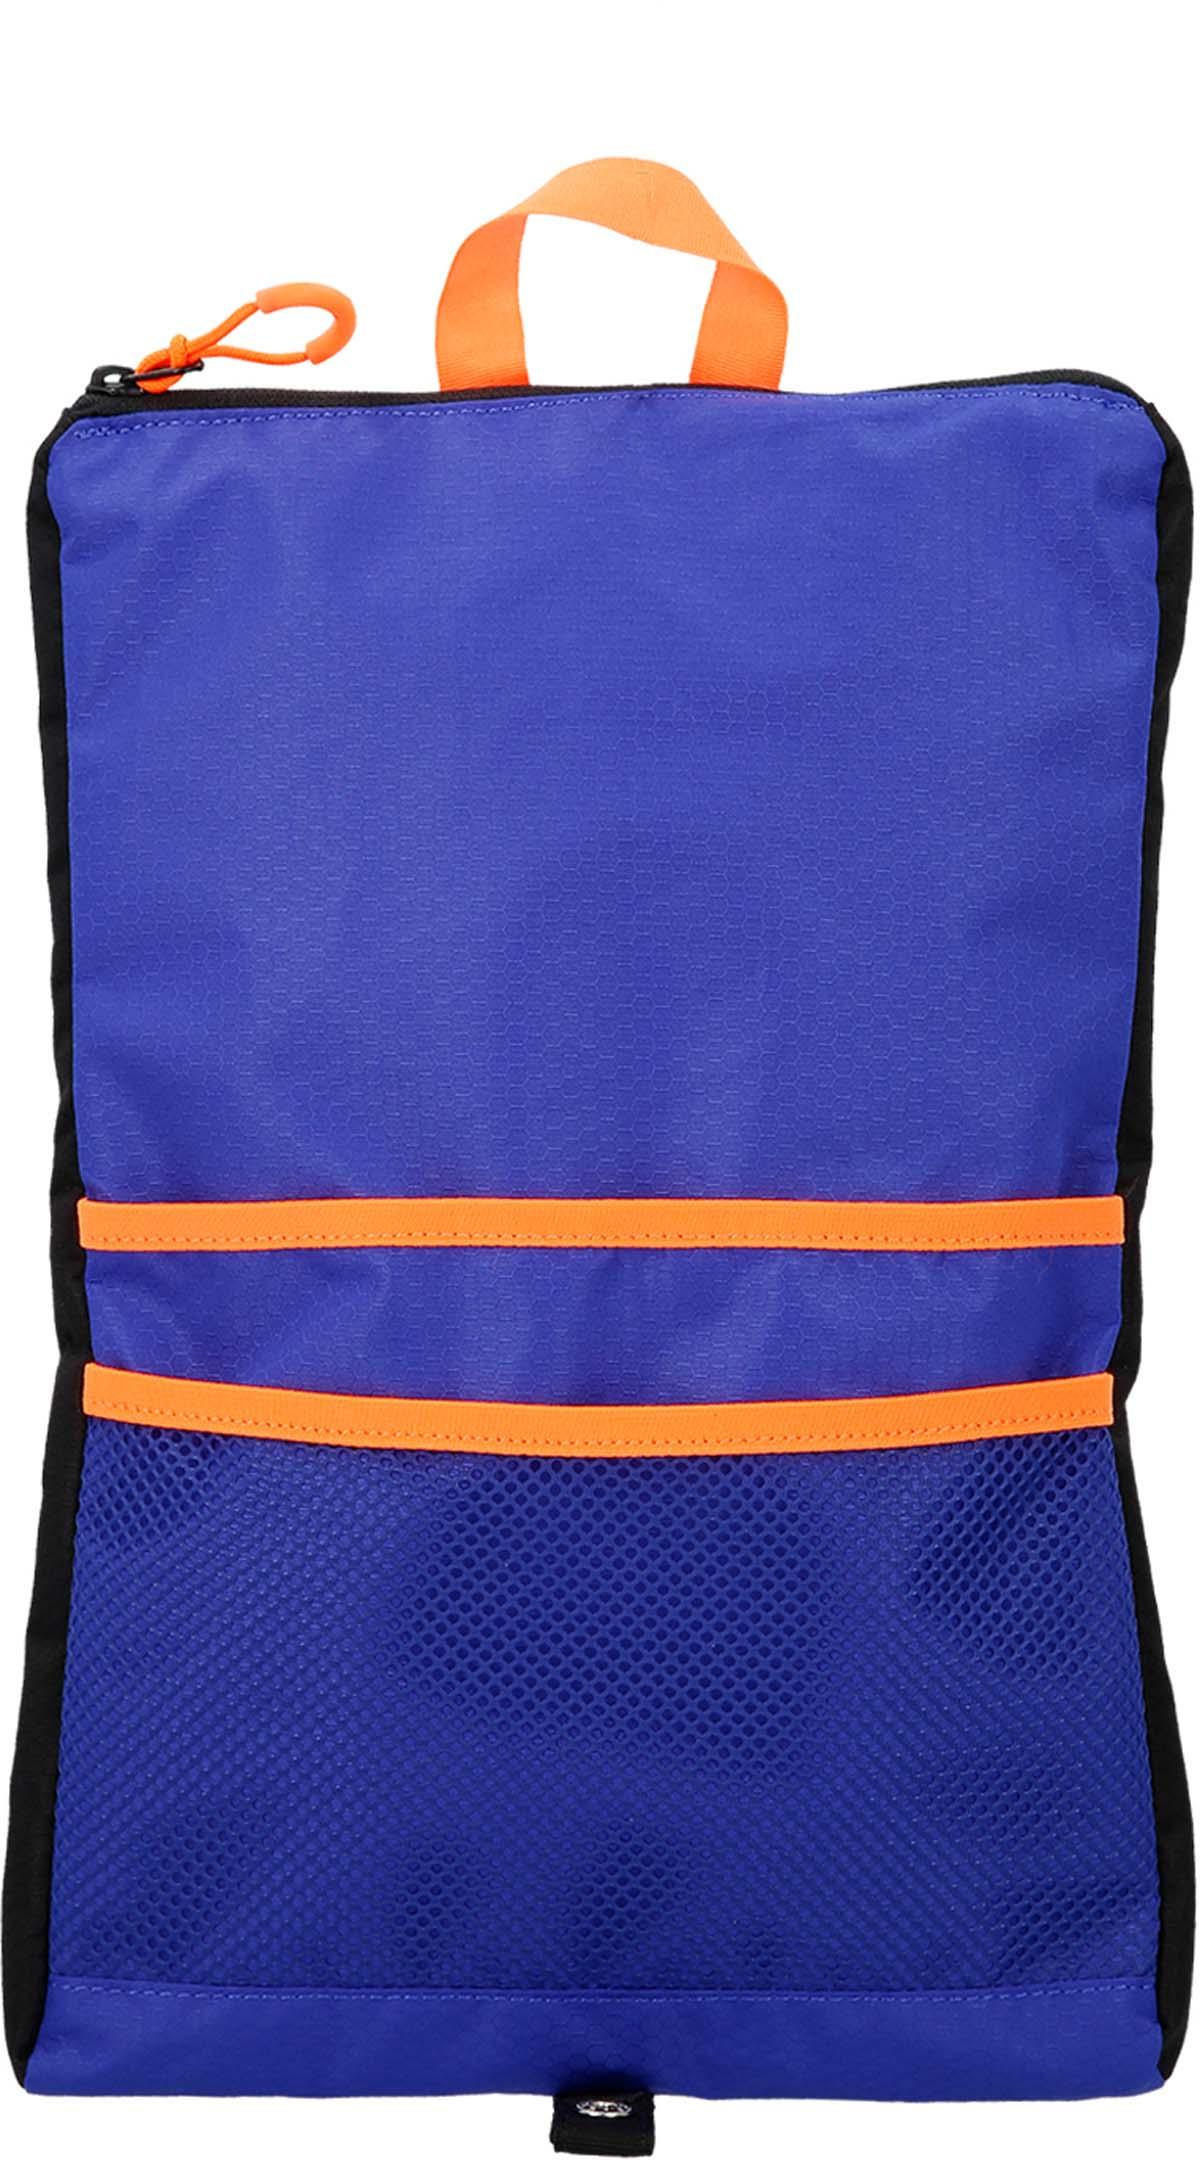 Мешок для мокрых вещей Speedo, цвет: серый, фиолетовый, оранжевый8-11470C299Легкая и водонепроницаемая небольшая сумка подходит как для хранения банных принадлежностей, так и для всего необходимого при посещении бассейна.